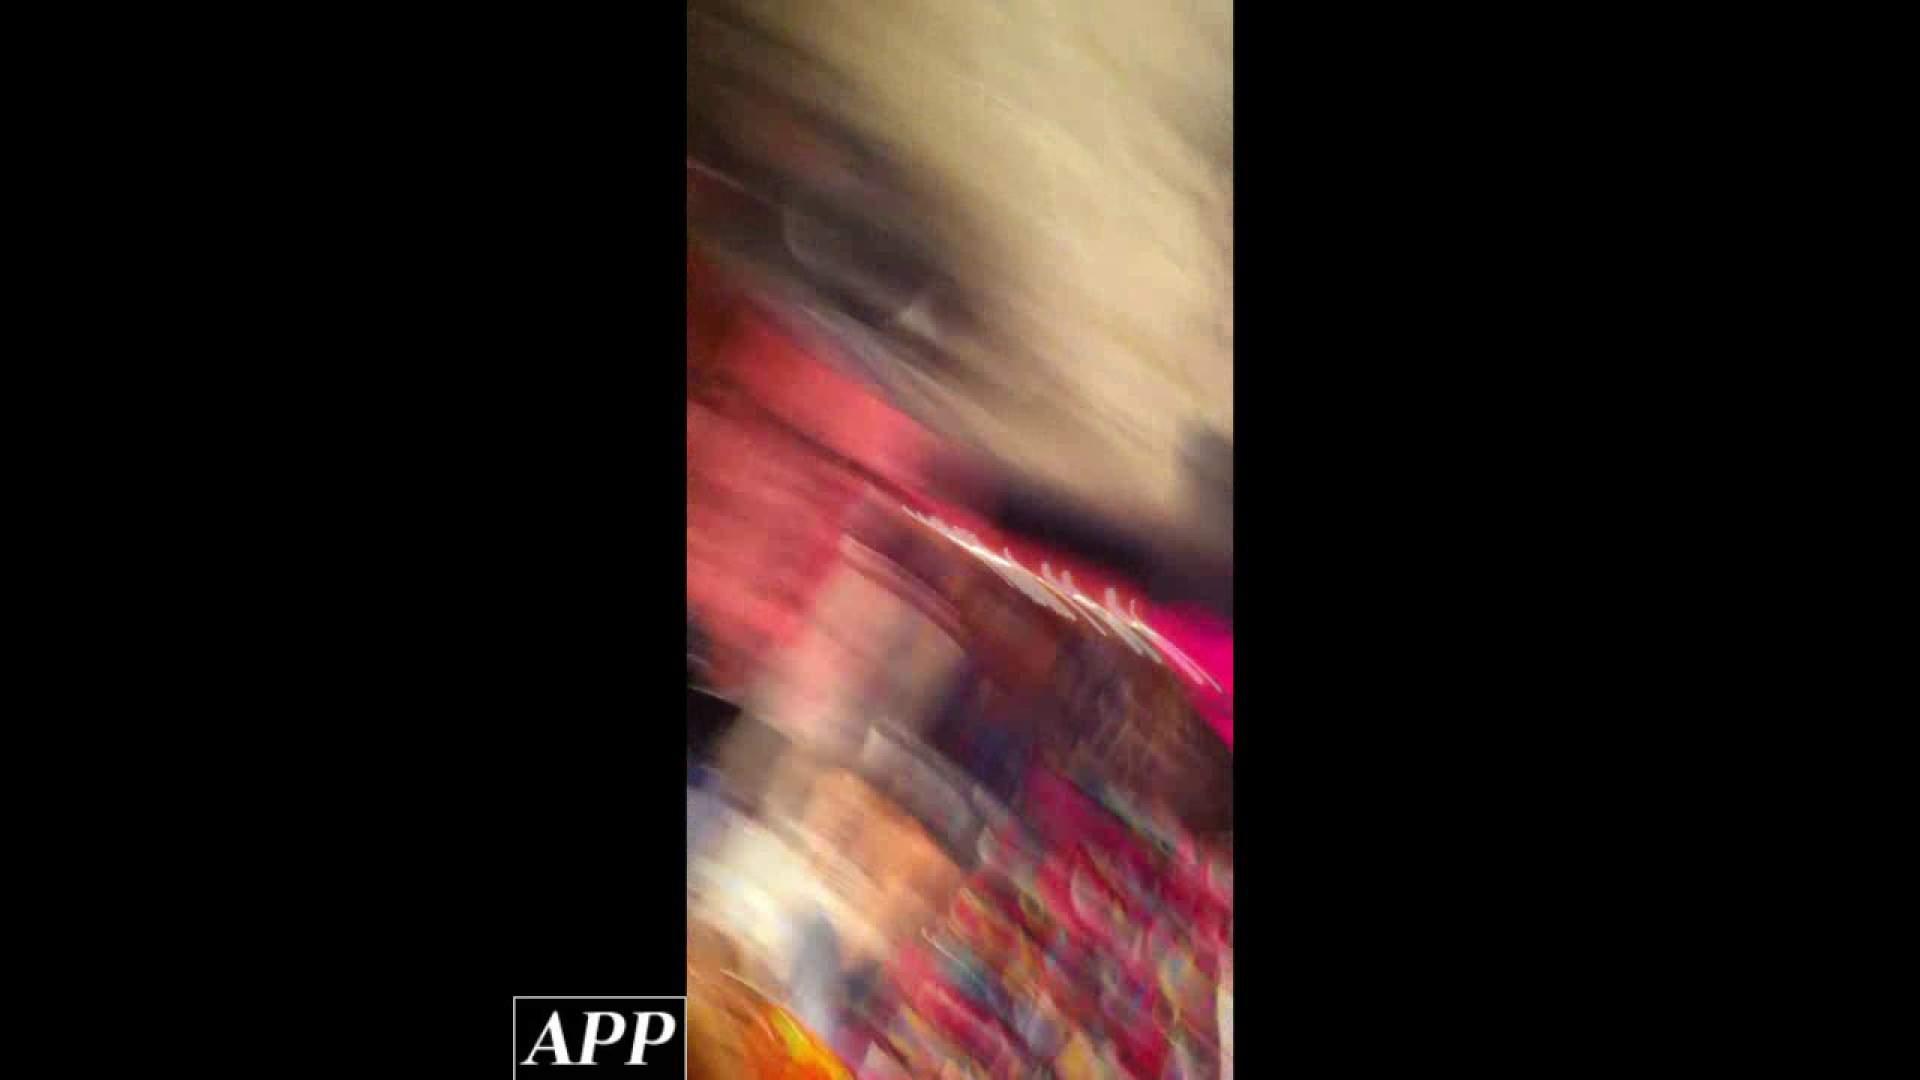 ハイビジョン盗撮!ショップ店員千人斬り!胸チラ編 vol.91 チクビ編 AV無料動画キャプチャ 92PIX 24